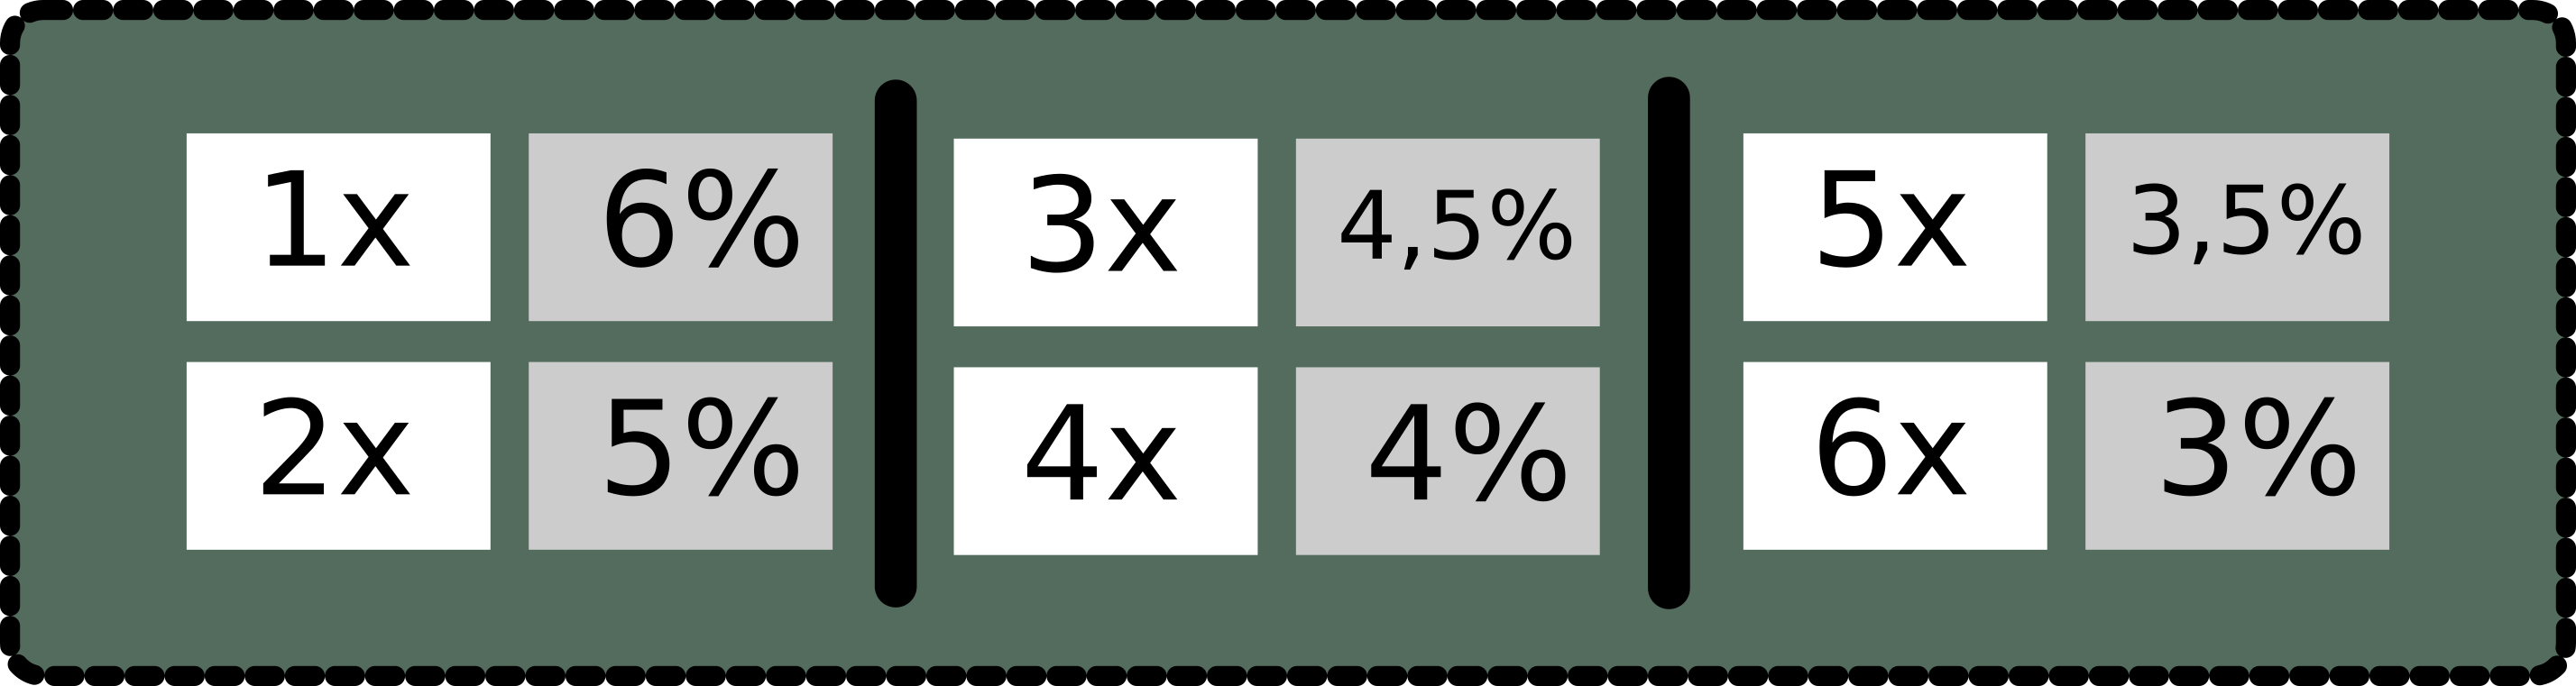 1x = 6%, 2x = 5%, 3x = 4,5%, 4x = 4%, 5x = 3,5% e 6x = 3%)